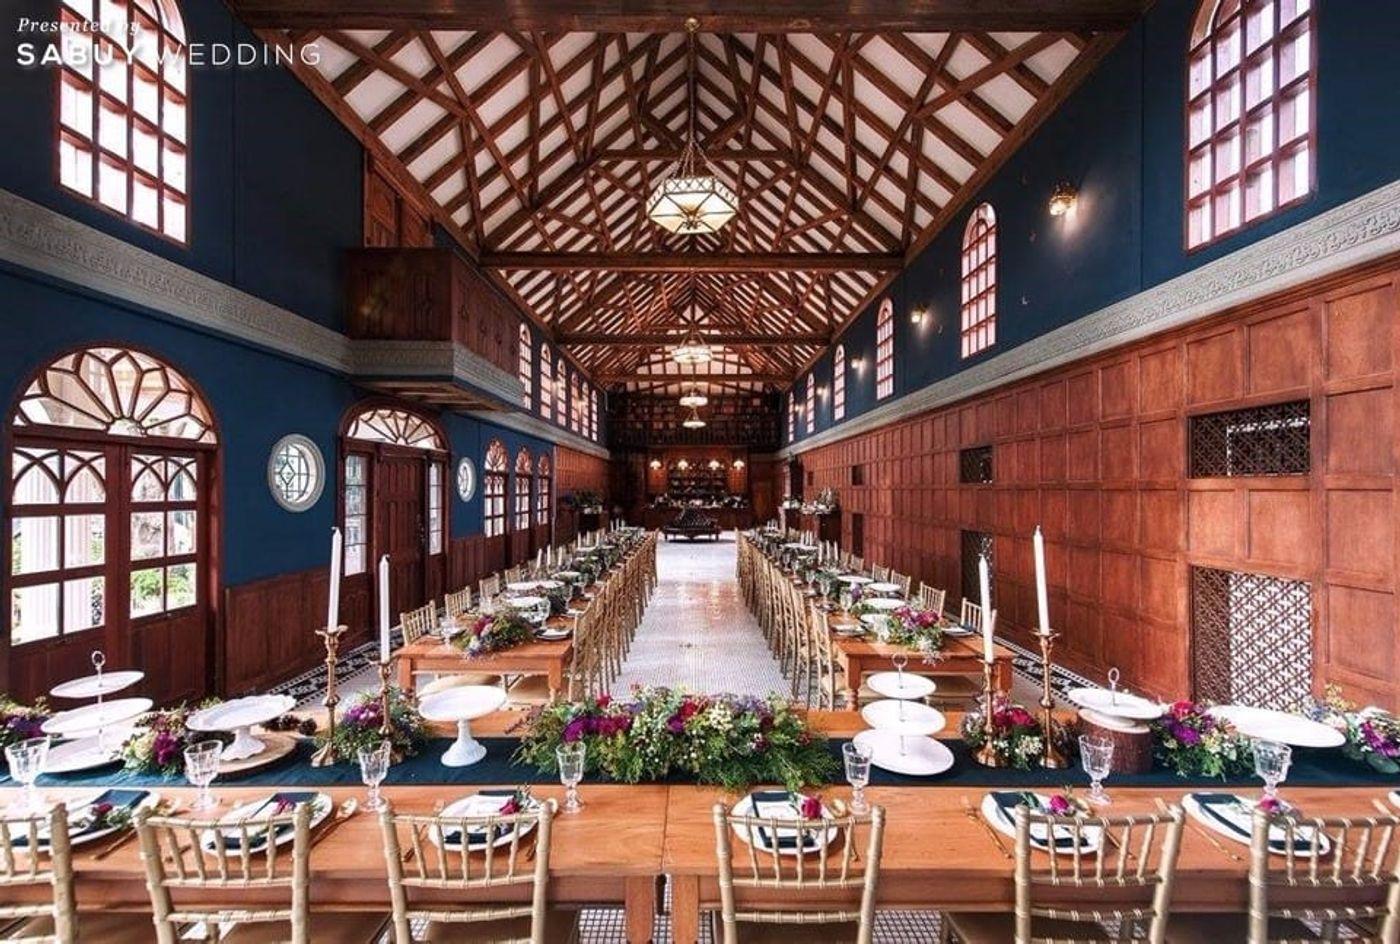 long-table,สถานที่แต่งงาน,สถานที่จัดงานแต่งงาน,ตกแต่งงานแต่ง รีวิวงานแต่งสุดเก๋ สไตล์ยุโรป @The Apothecary Venue